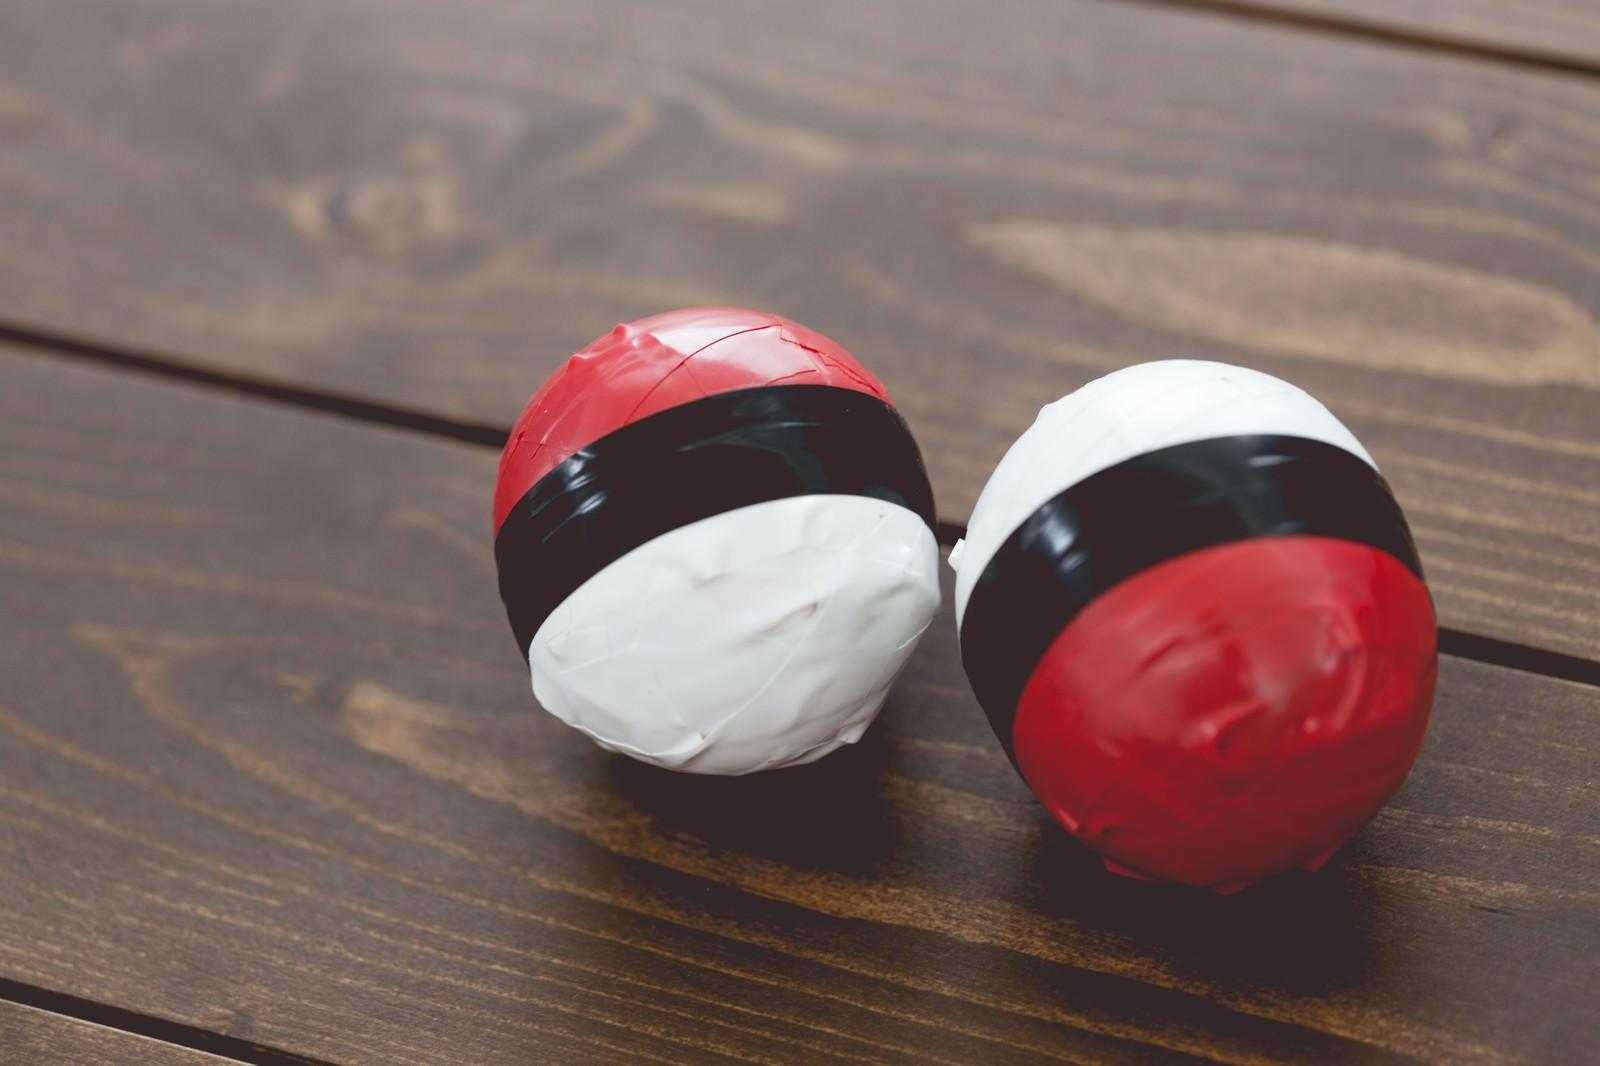 「手作り感満載の紅白ボール」の写真